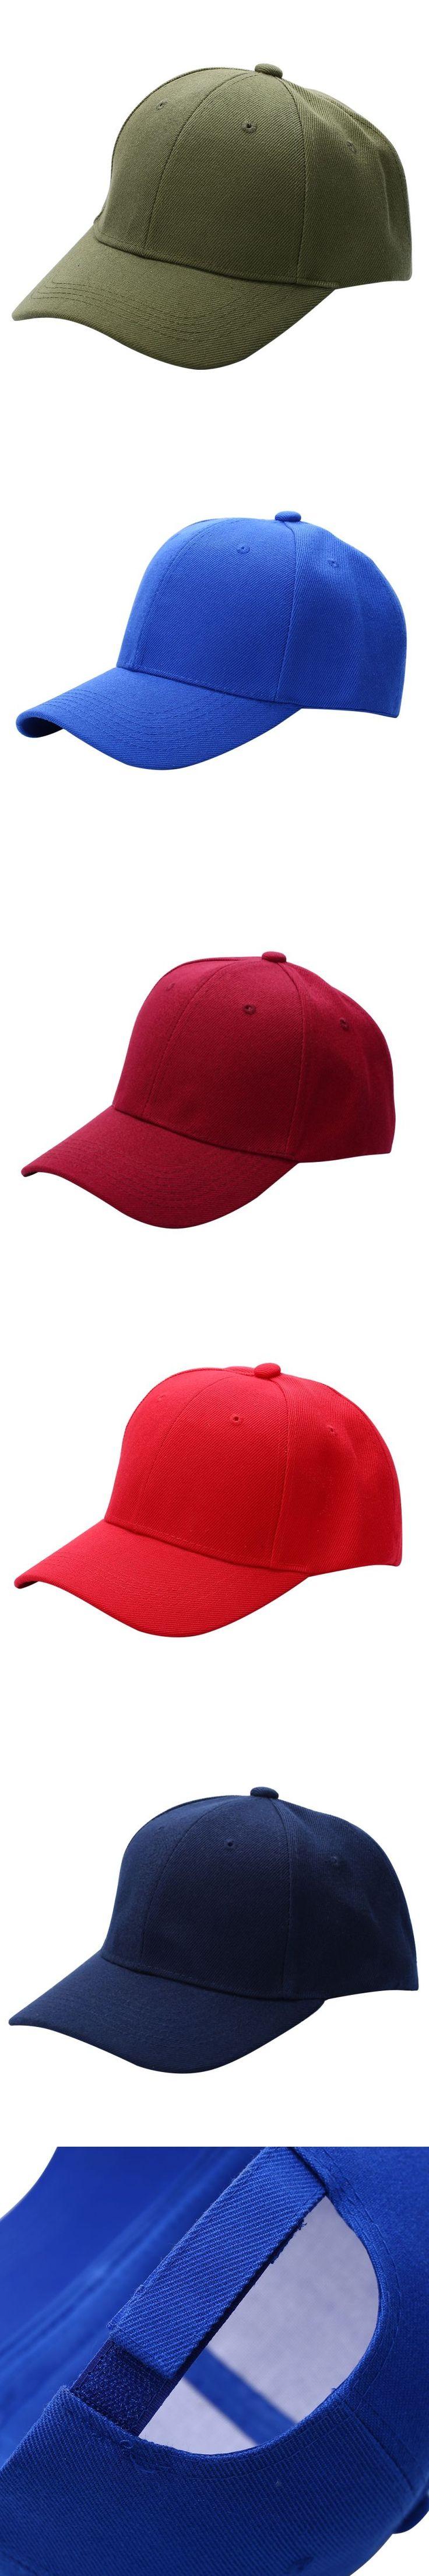 Solid Color Men Women Plain Baseball Cap Curved Visor Hat Hip-Hop Adjustable Peaked Hat Visor Caps Hot